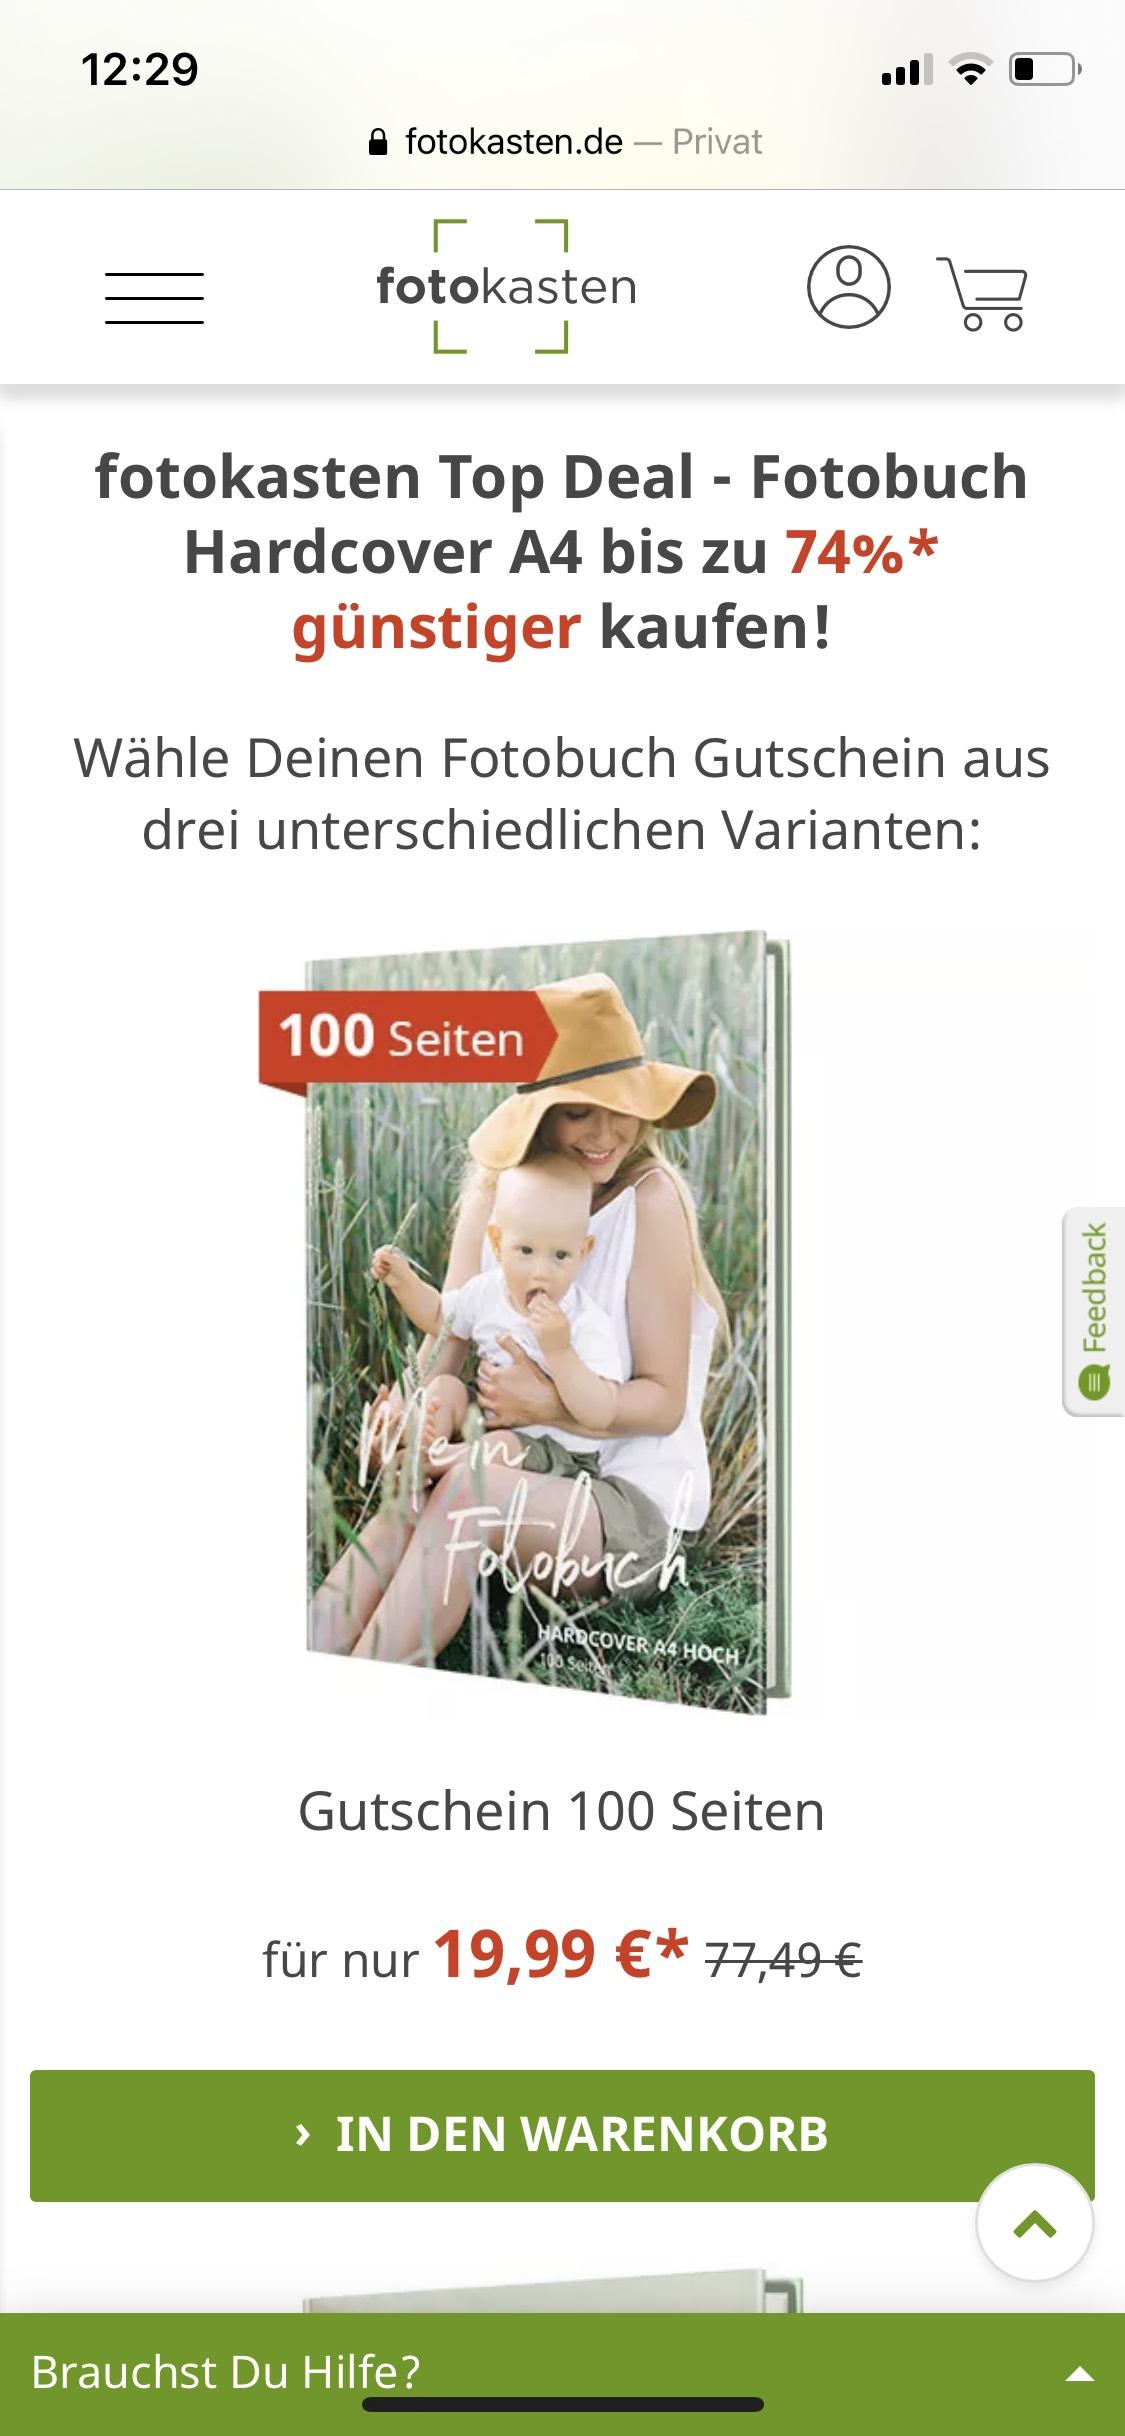 Fotokasten DIN A 4 100 Seiten Hardcover, Fotobuch Gutschein 19,99 Euro, 3 Jahre gültig, ehemals Tchibo